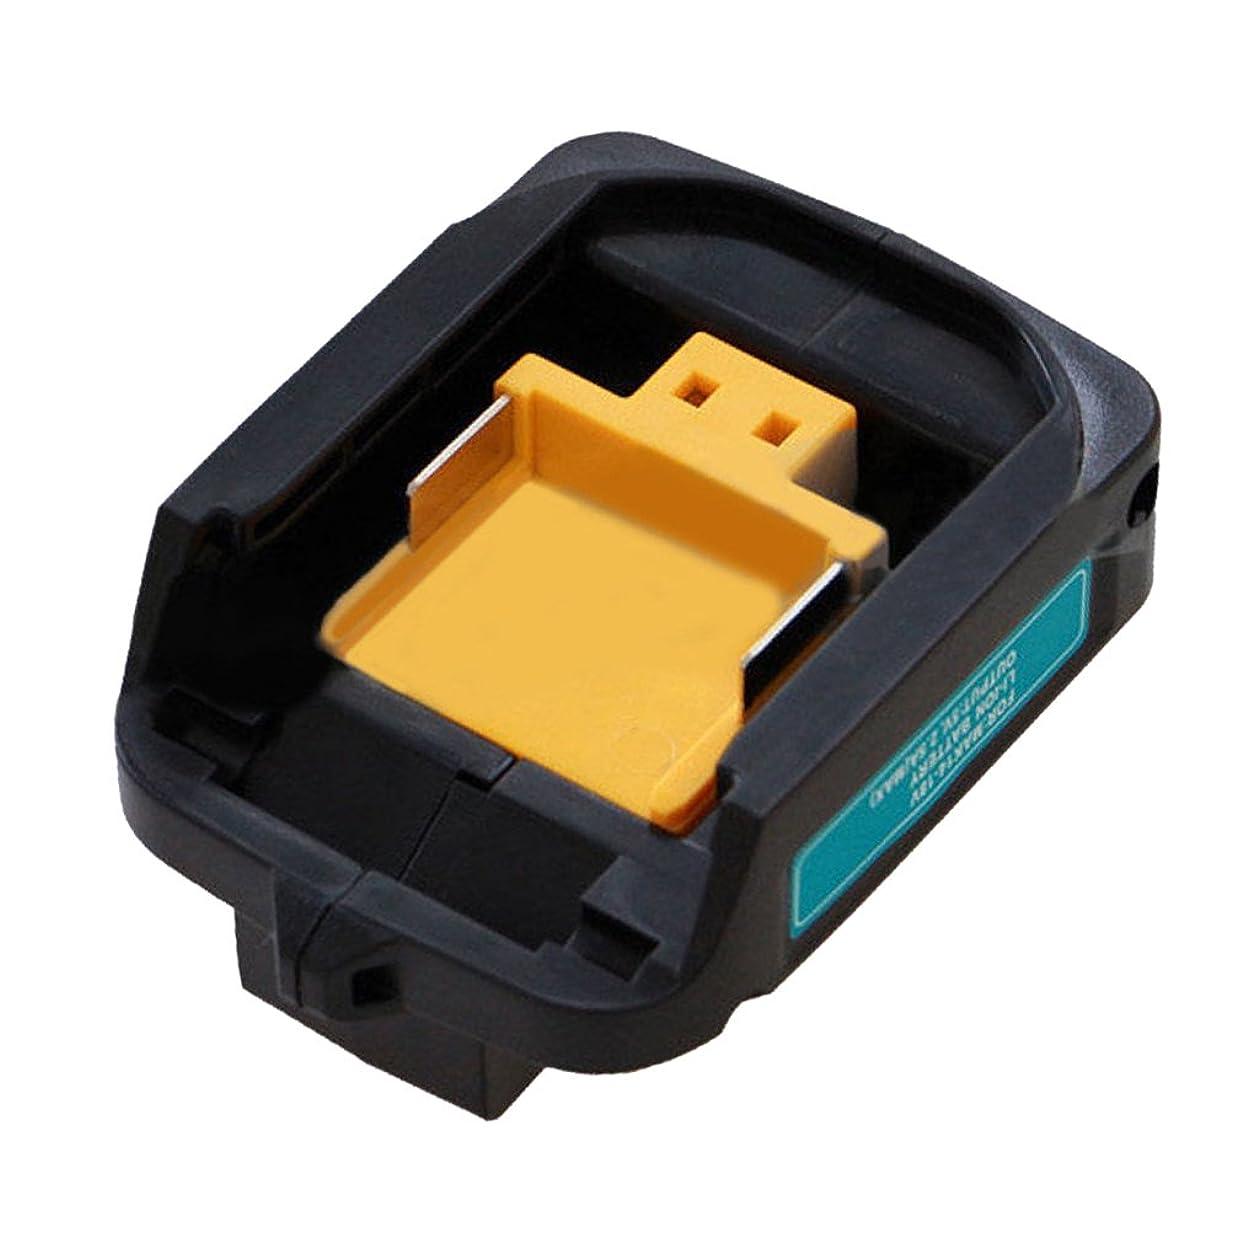 眉アイザック風景Makita DEAADP05リチウムイオン14.4V 18V LXTバッテリー充電器用3オプションUSBアダプター - #1ブラック